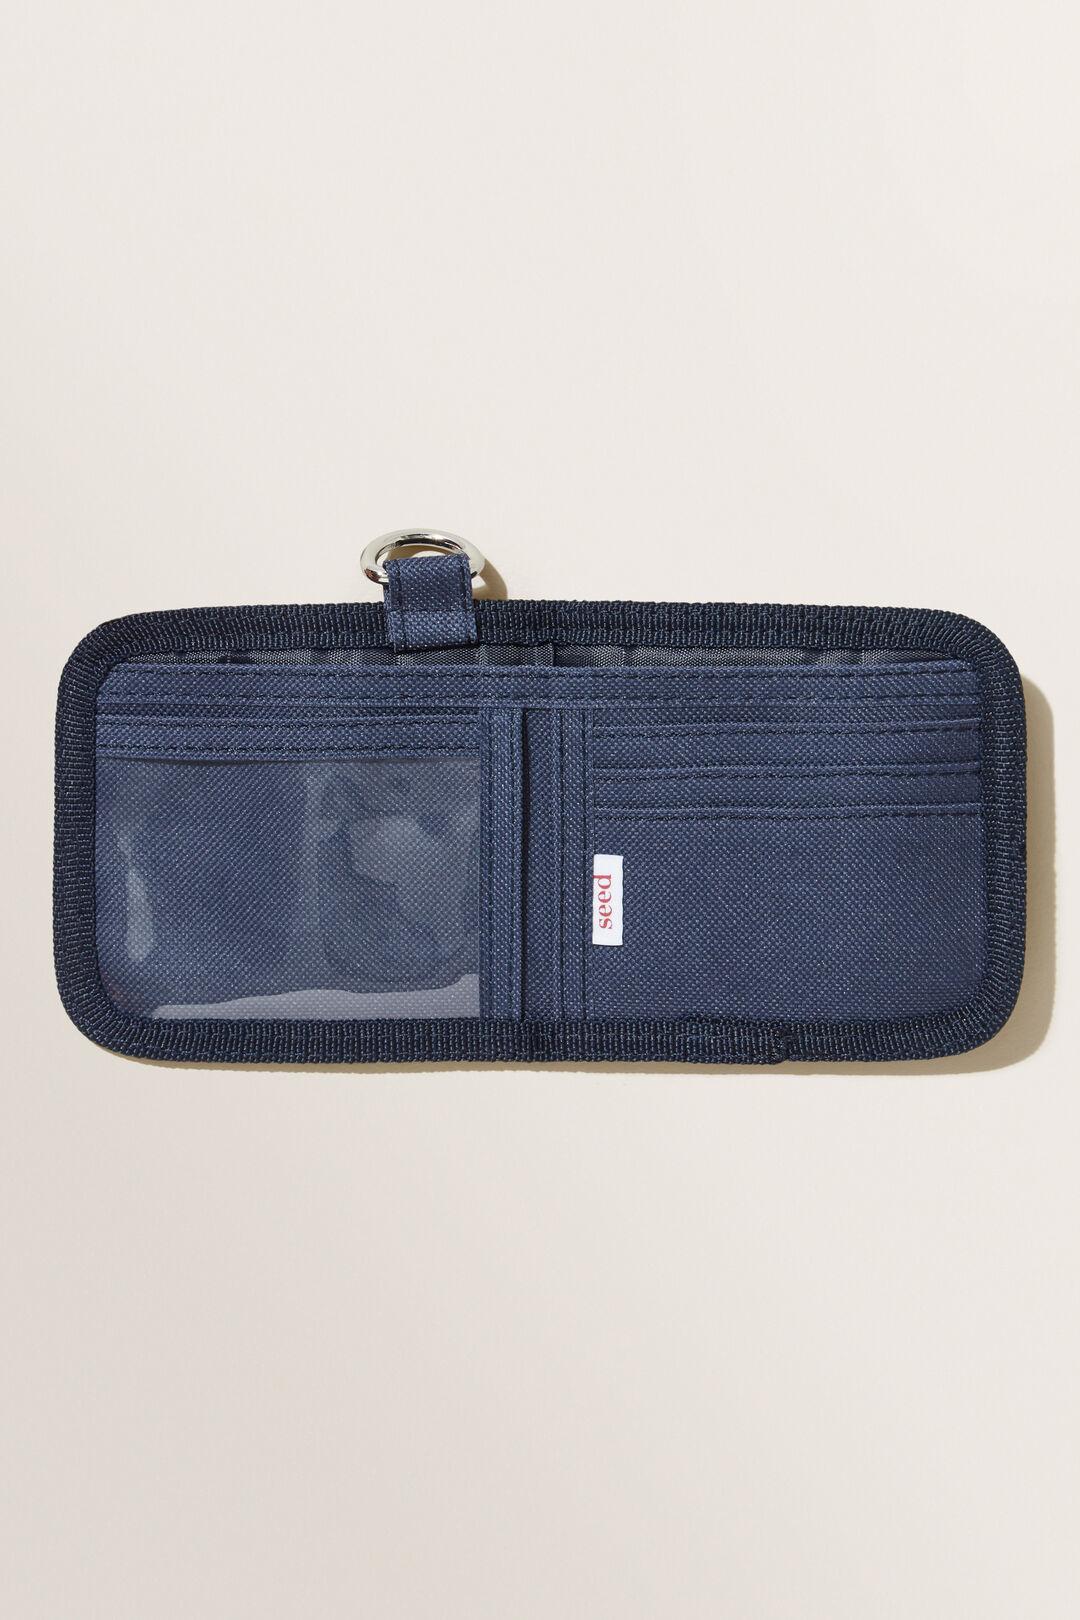 Initial Wallet  K  hi-res